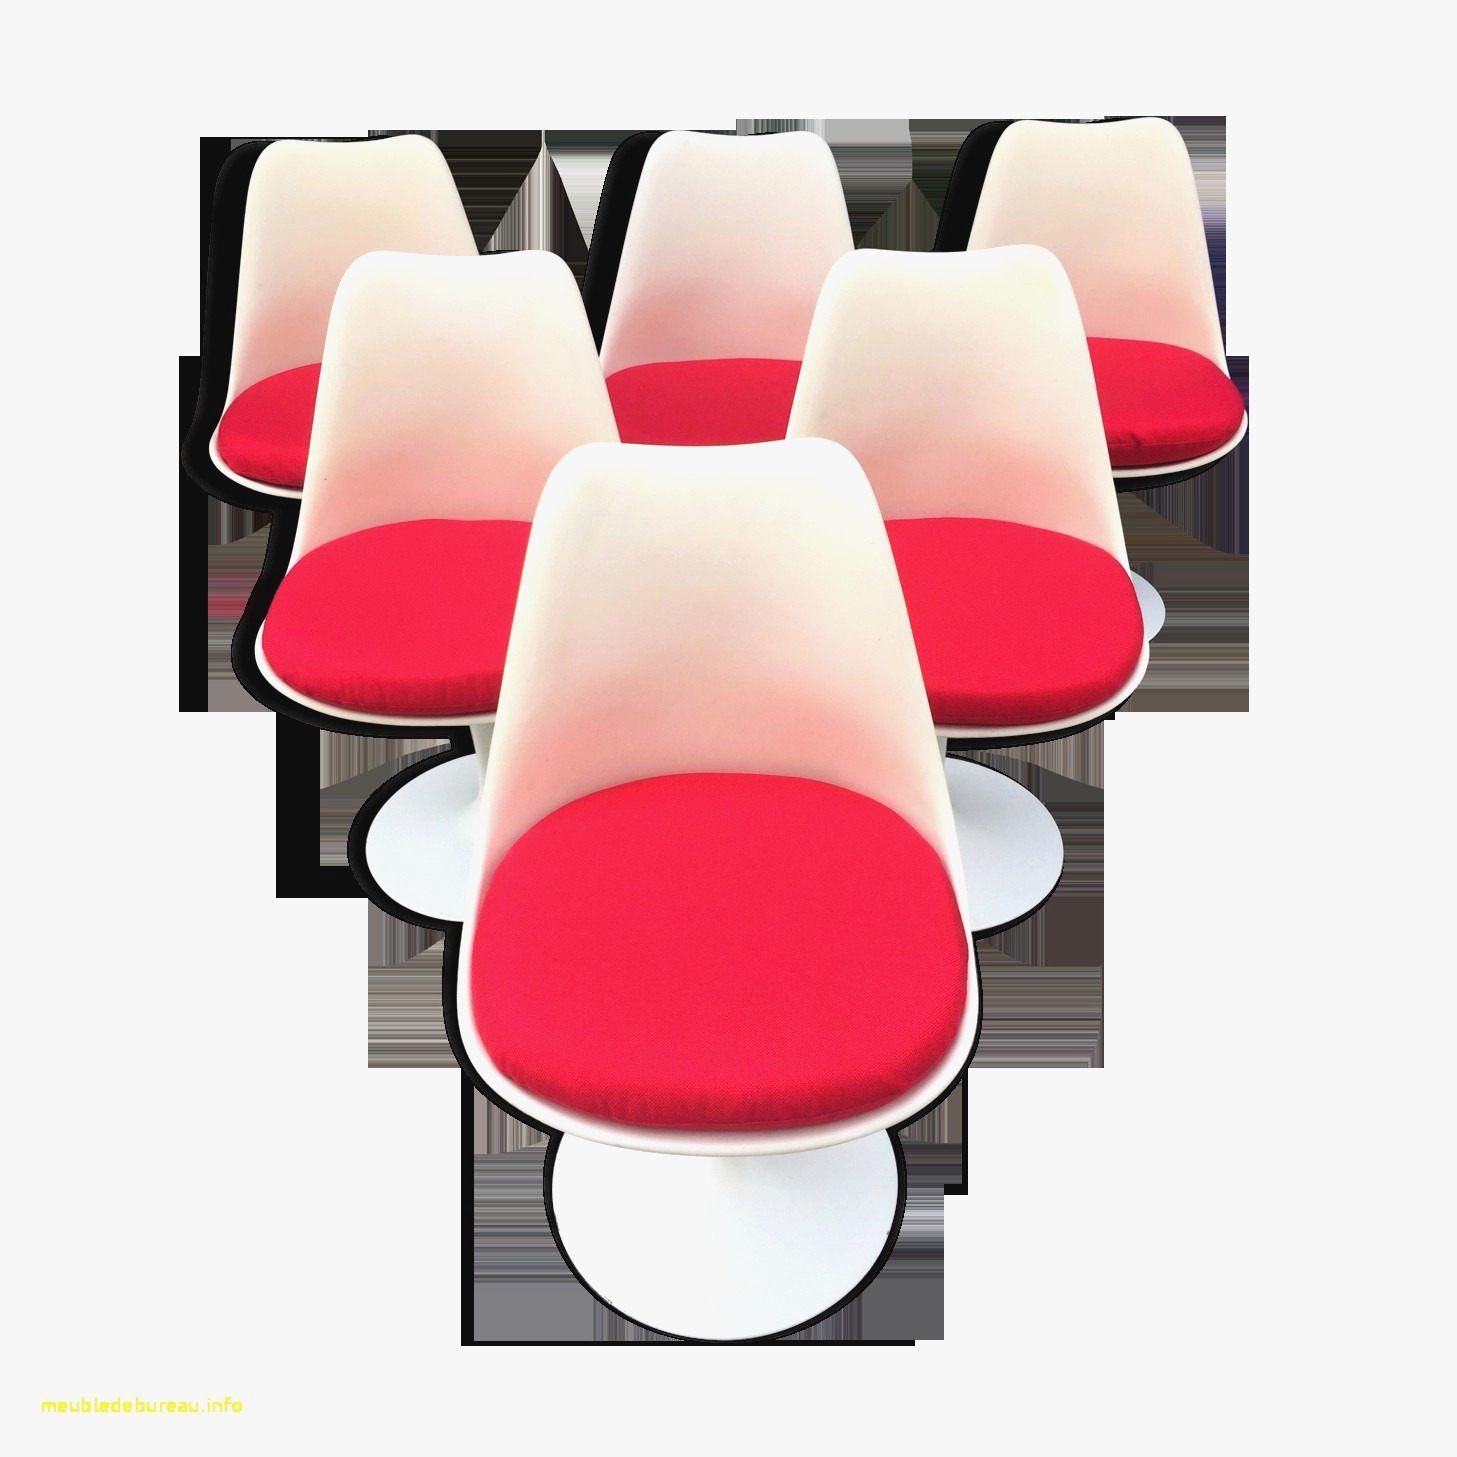 Lit Bois Pliant Génial Lit Pliable Ikea Luxe Table Pliable Ikea New Lit En Bois Pliant Ikea